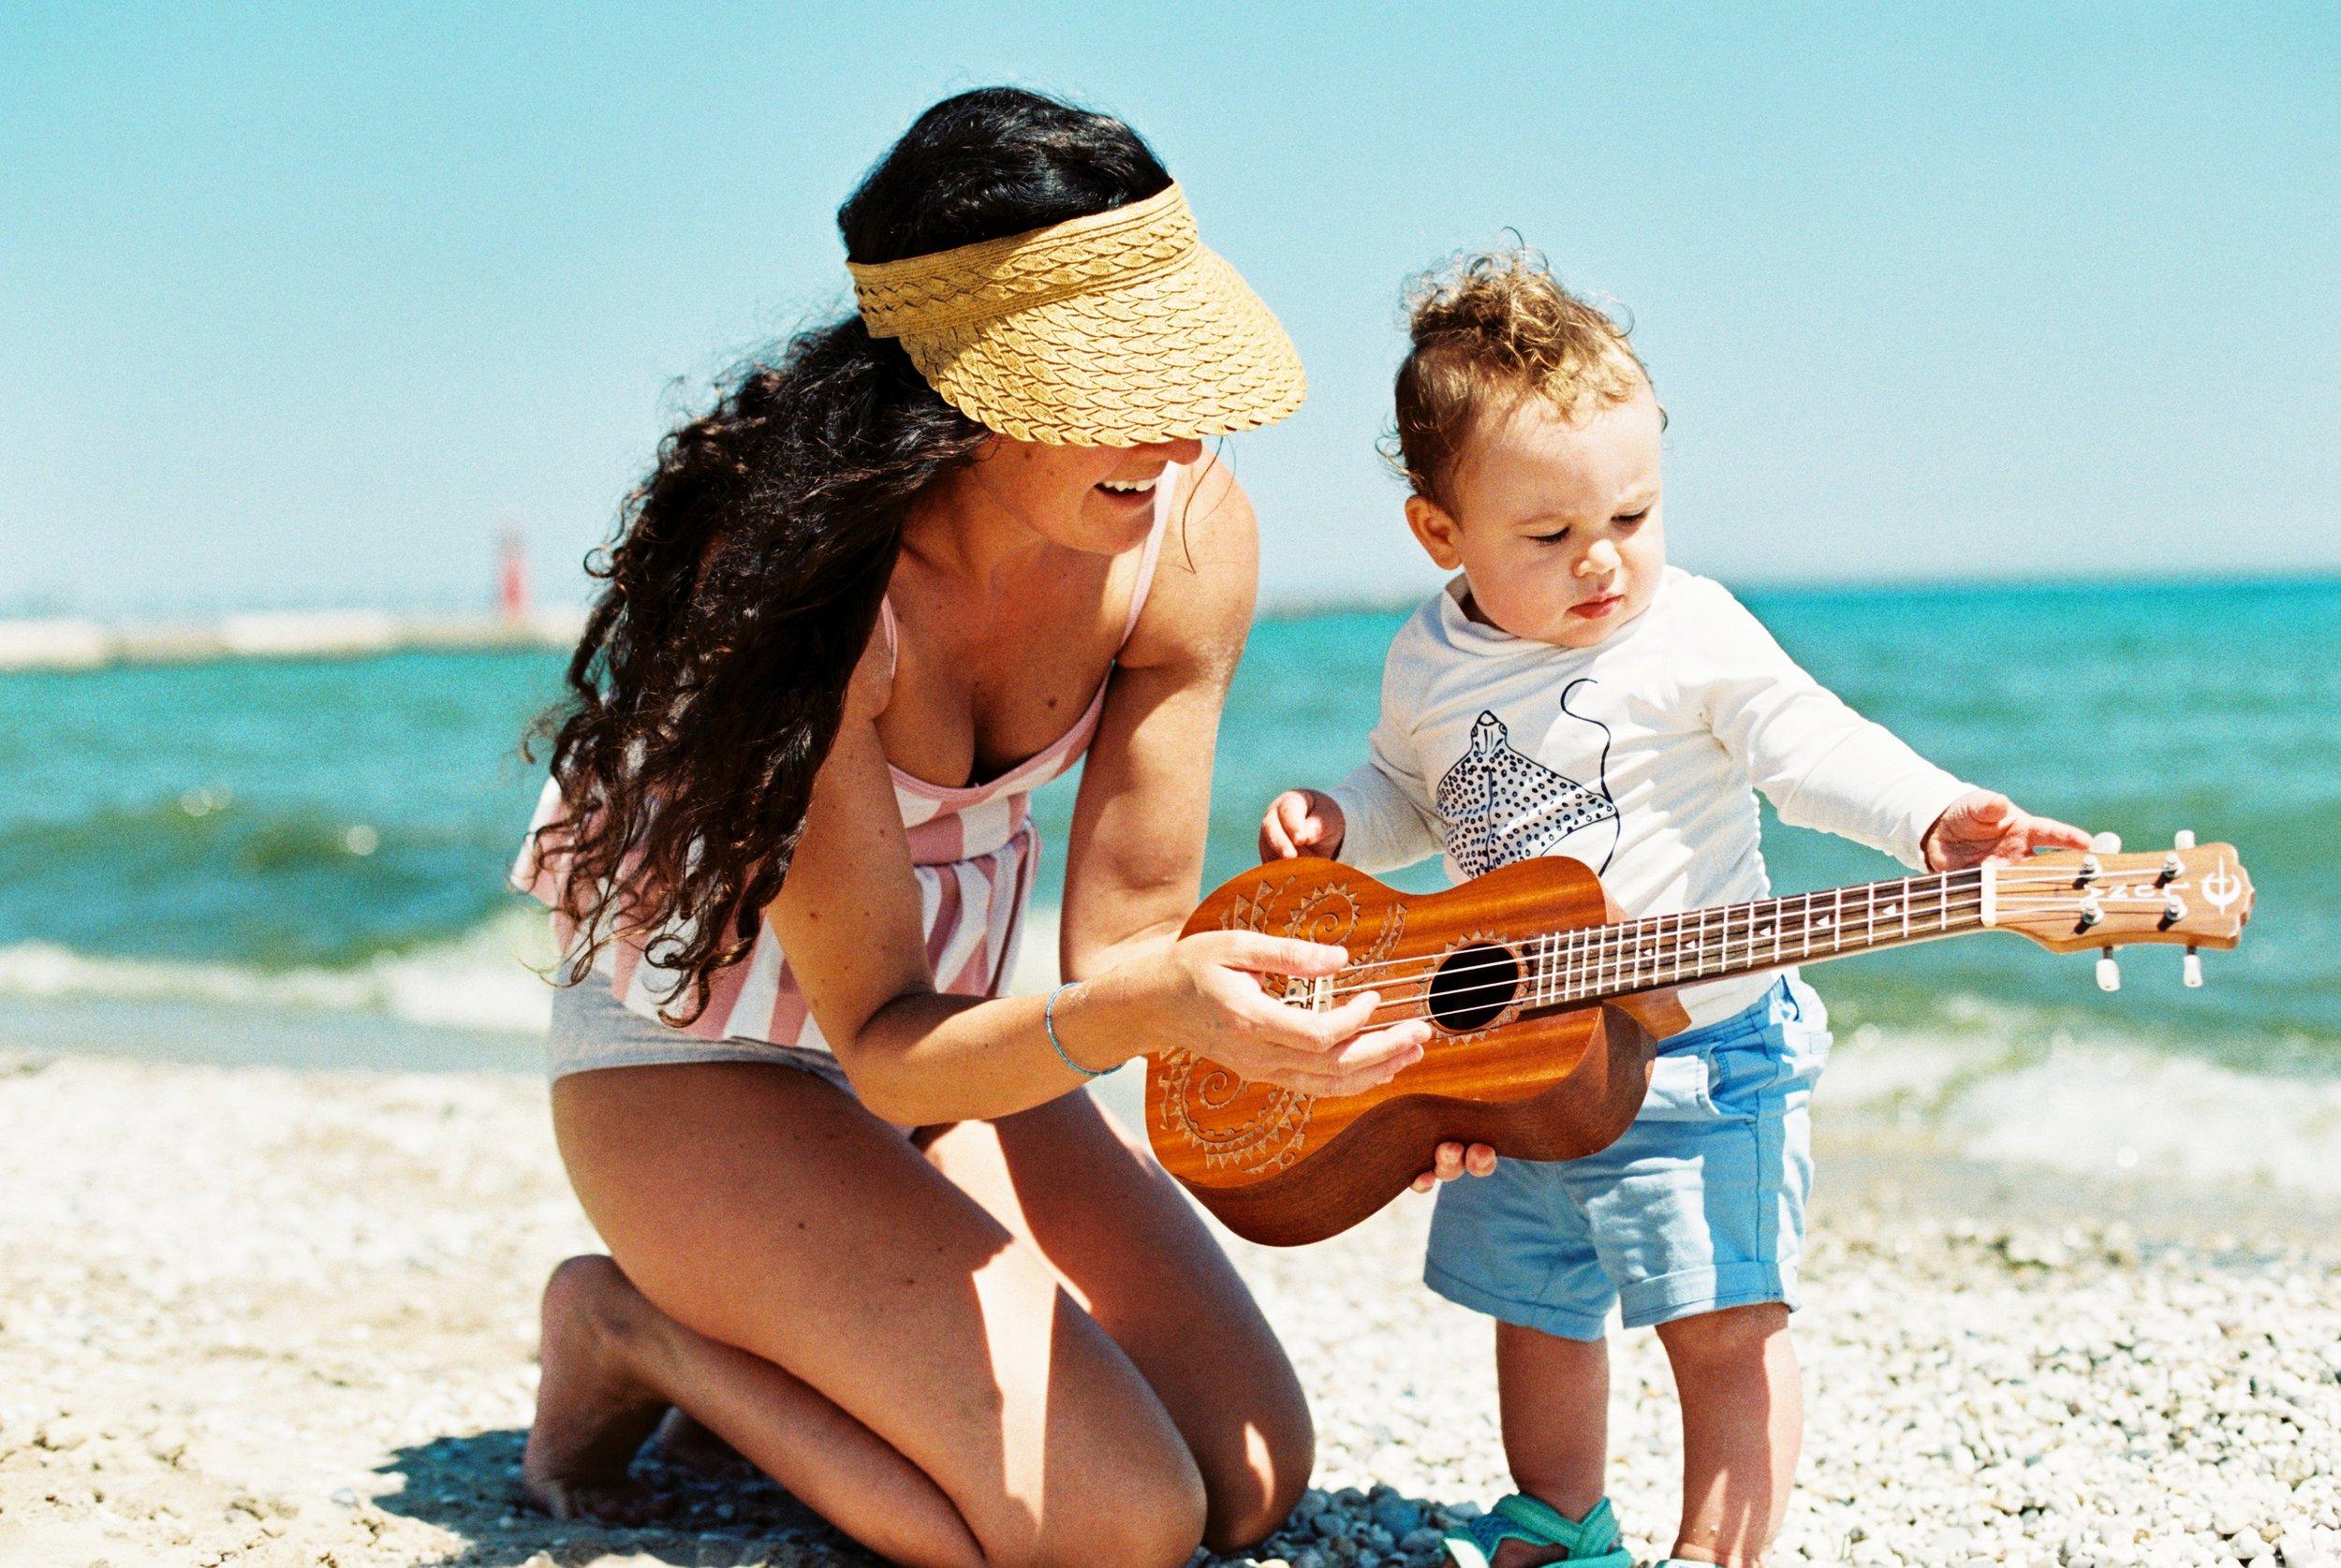 Summer Beach Mommy and Me Ukalele Lifestyle Portrait Photographer Janelle Elaine Photography on film.jpg